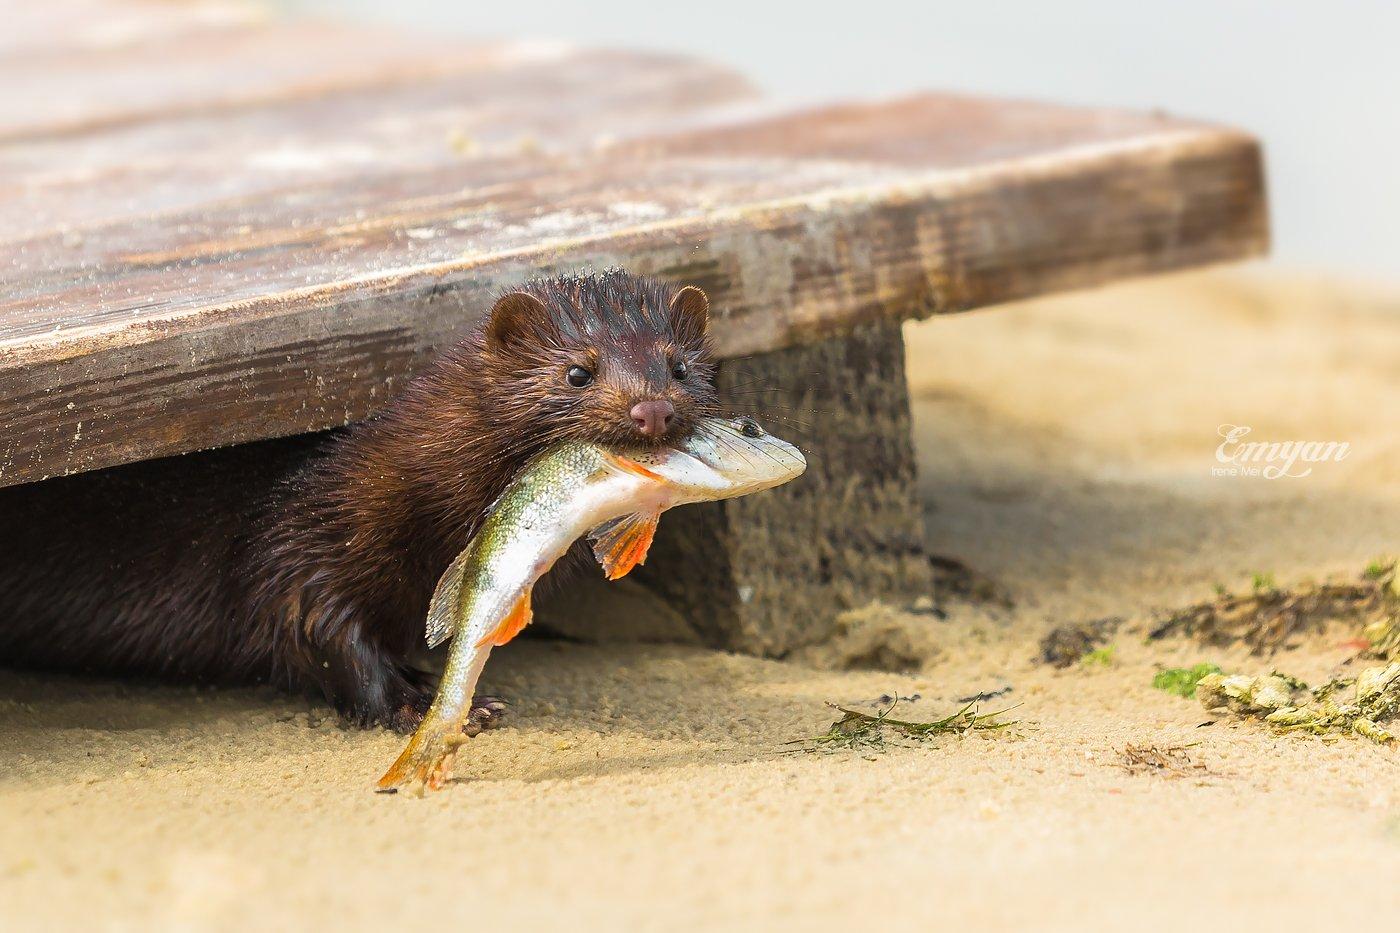 природа, норка, животные, рыба, окунь, улов, nature, european mink, mustela lutreola, Emyan